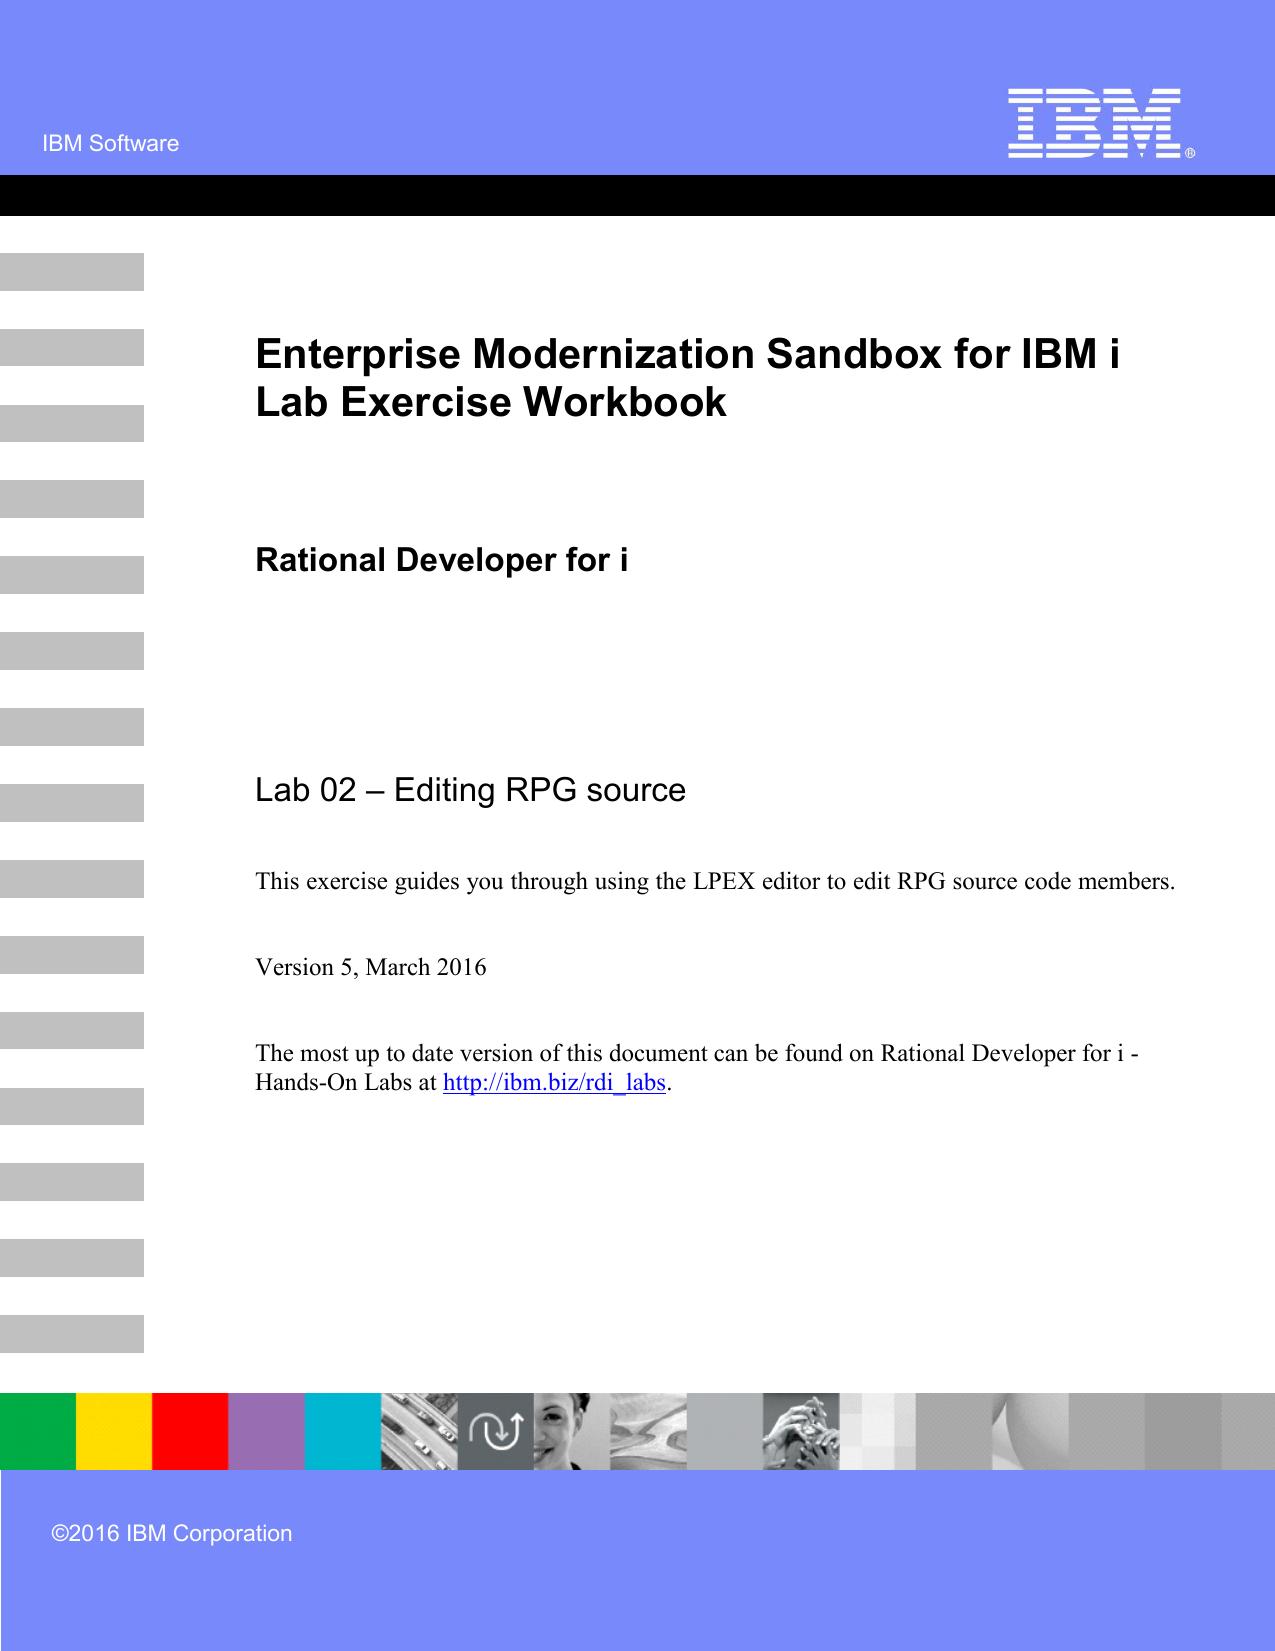 Enterprise Modernization Sandbox for IBM i Lab Exercise